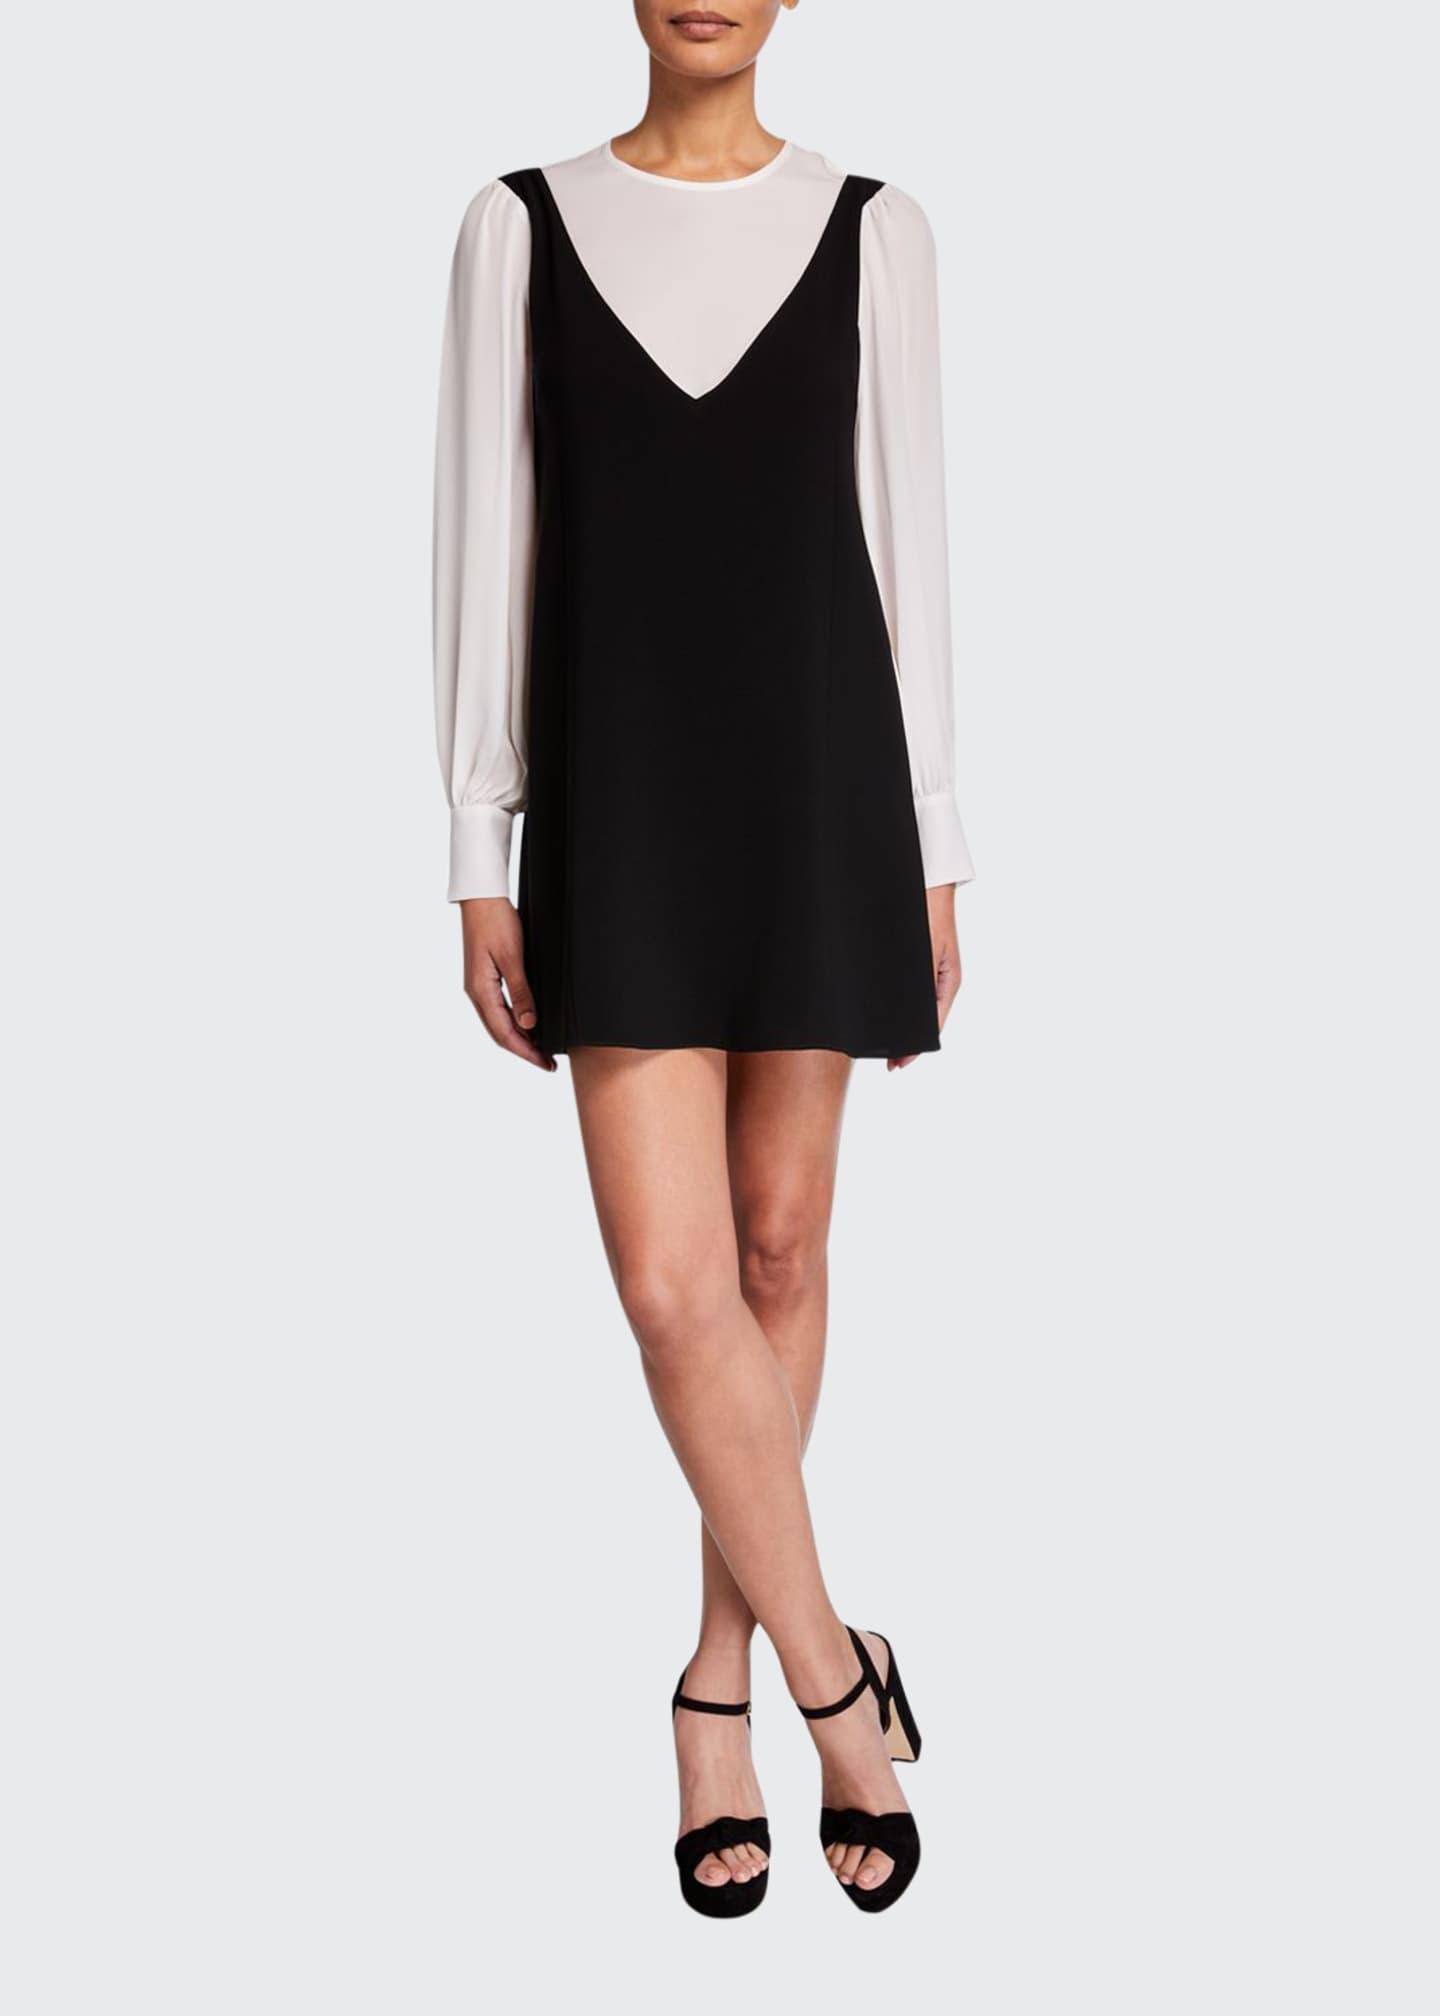 cinq a sept Mercer Layered Long-Sleeve Short Dress